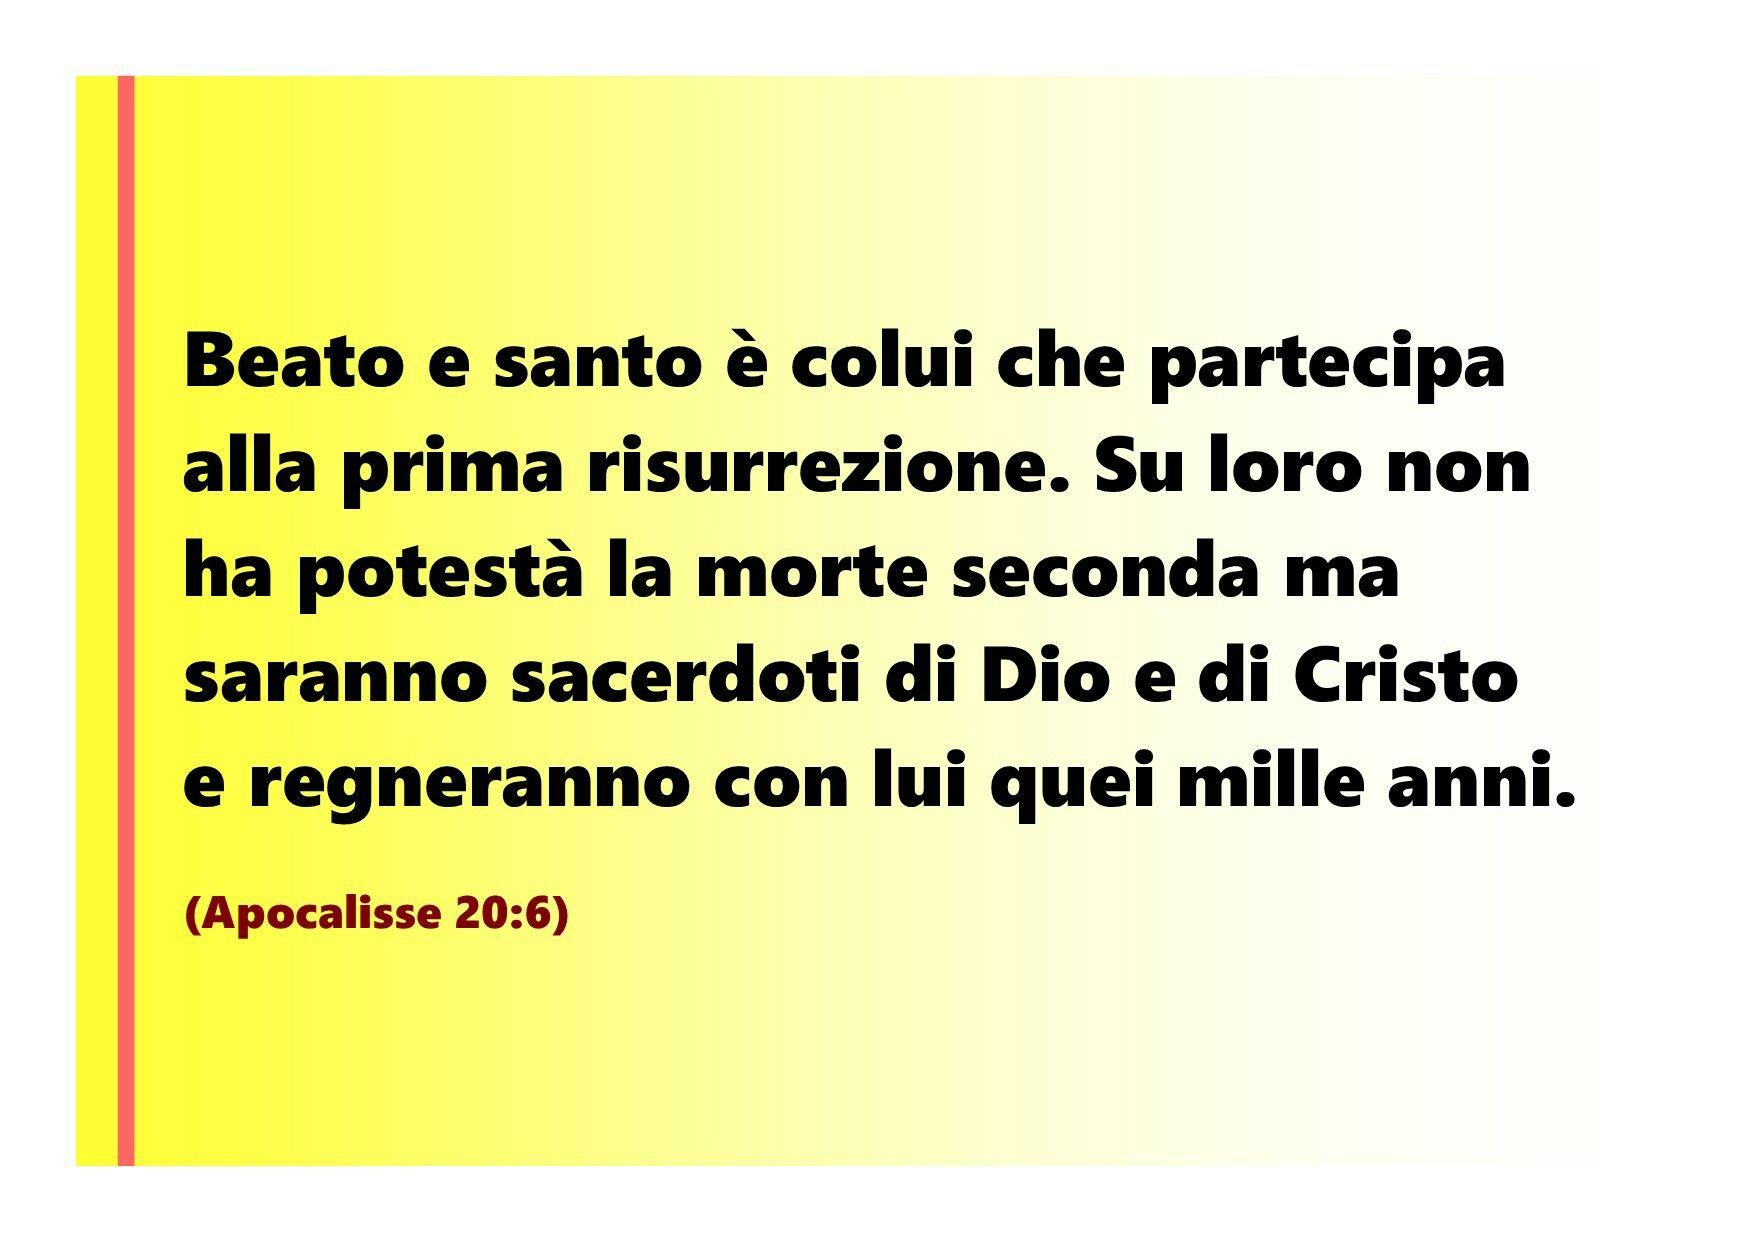 Beato e santo ¨ colui che partecipa alla prima risurrezione Su loro non ha potest la morte seconda ma saranno sacerdoti di Dio e di Cristo e regneranno